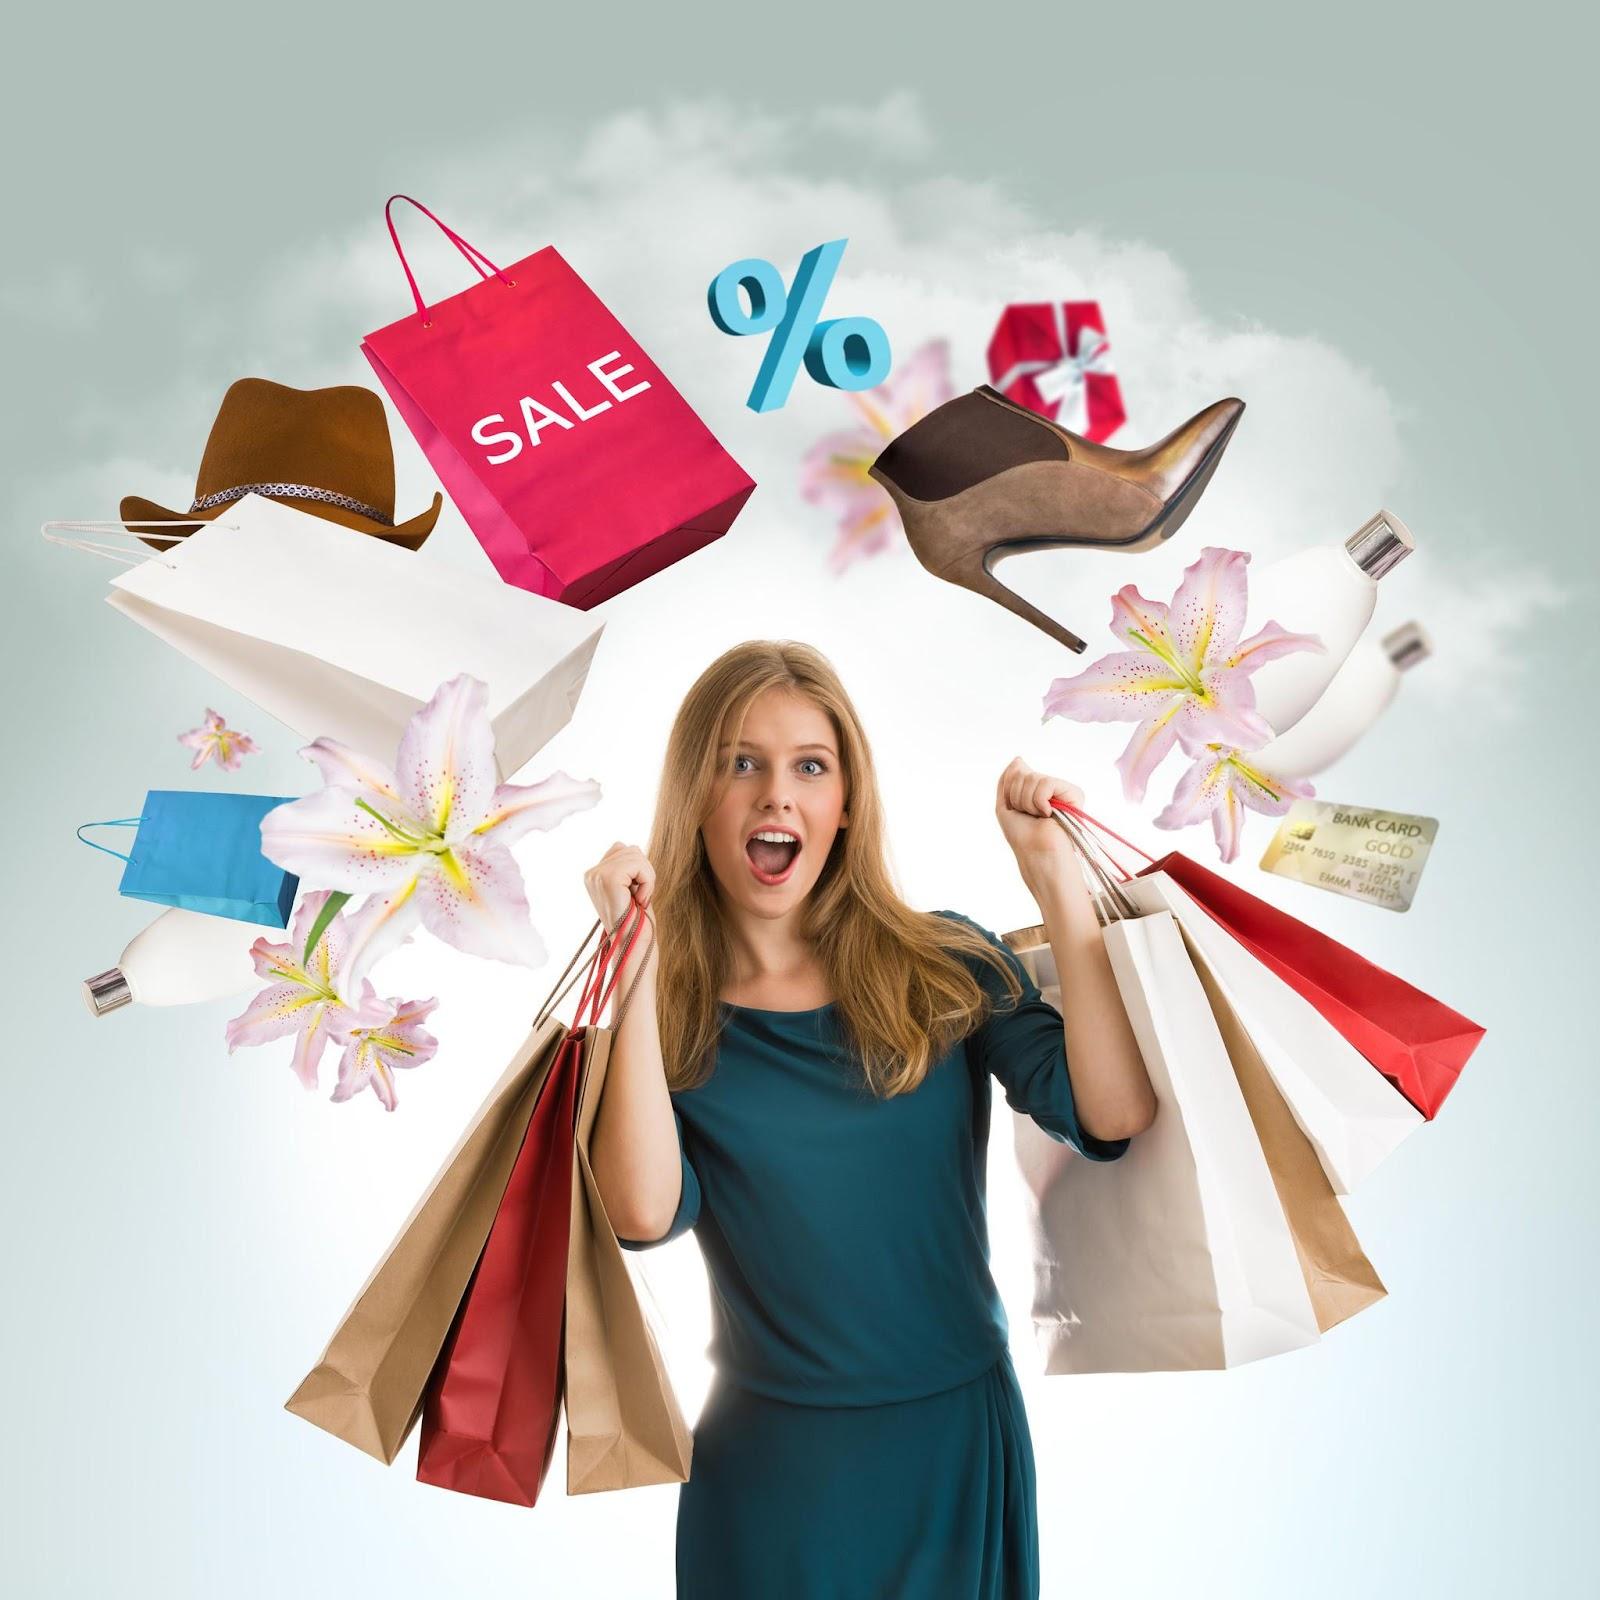 Online Sale Offers.jpg